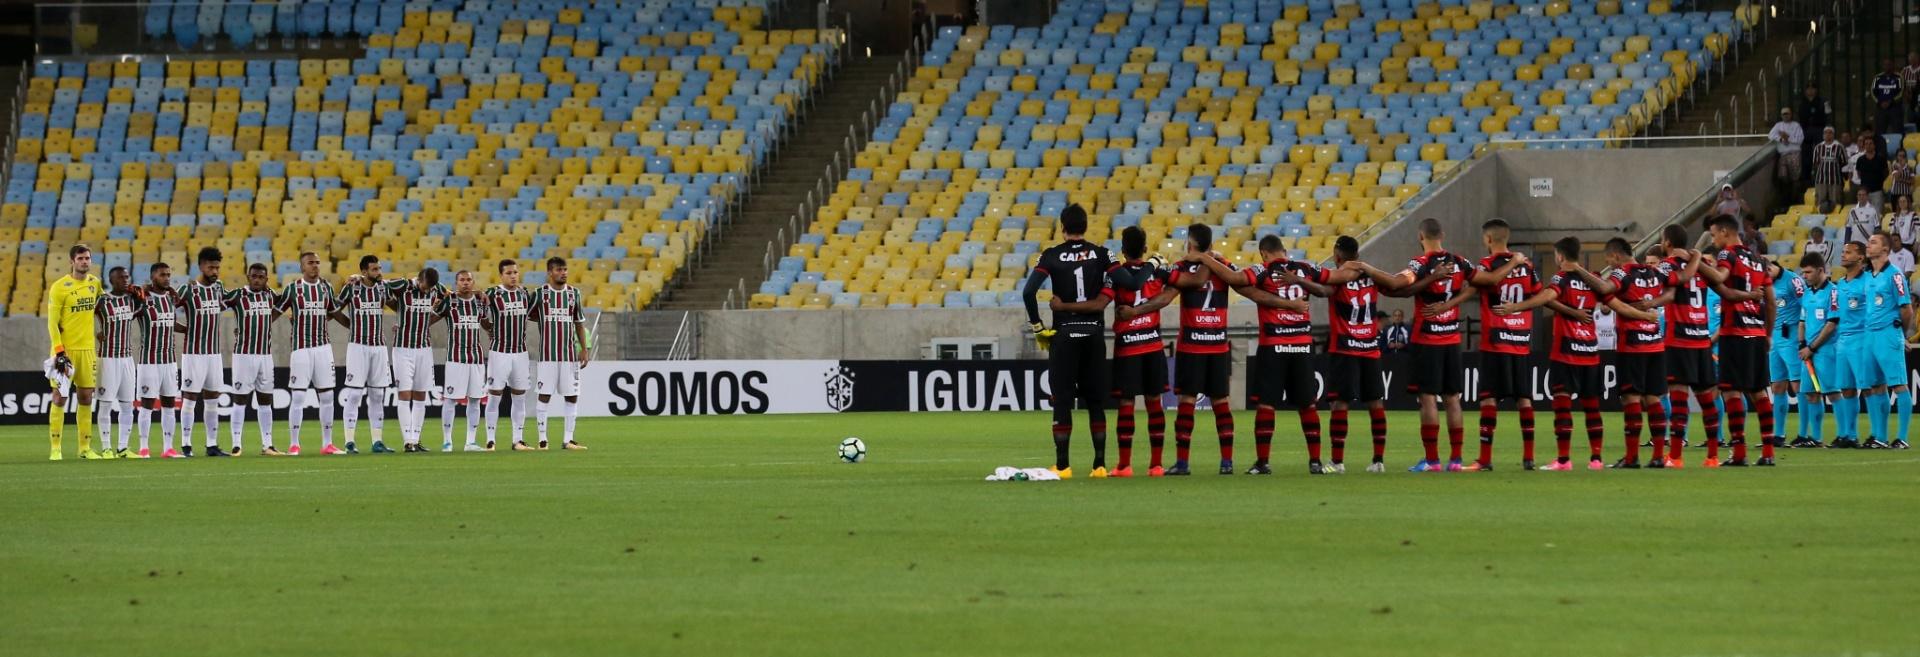 Jogadores de Fluminense e Atlético-GO prestam homenagem a João Paulo, filho de Abel Braga, antes de partida no Maracanã pelo Campeonato Brasileiro 2017